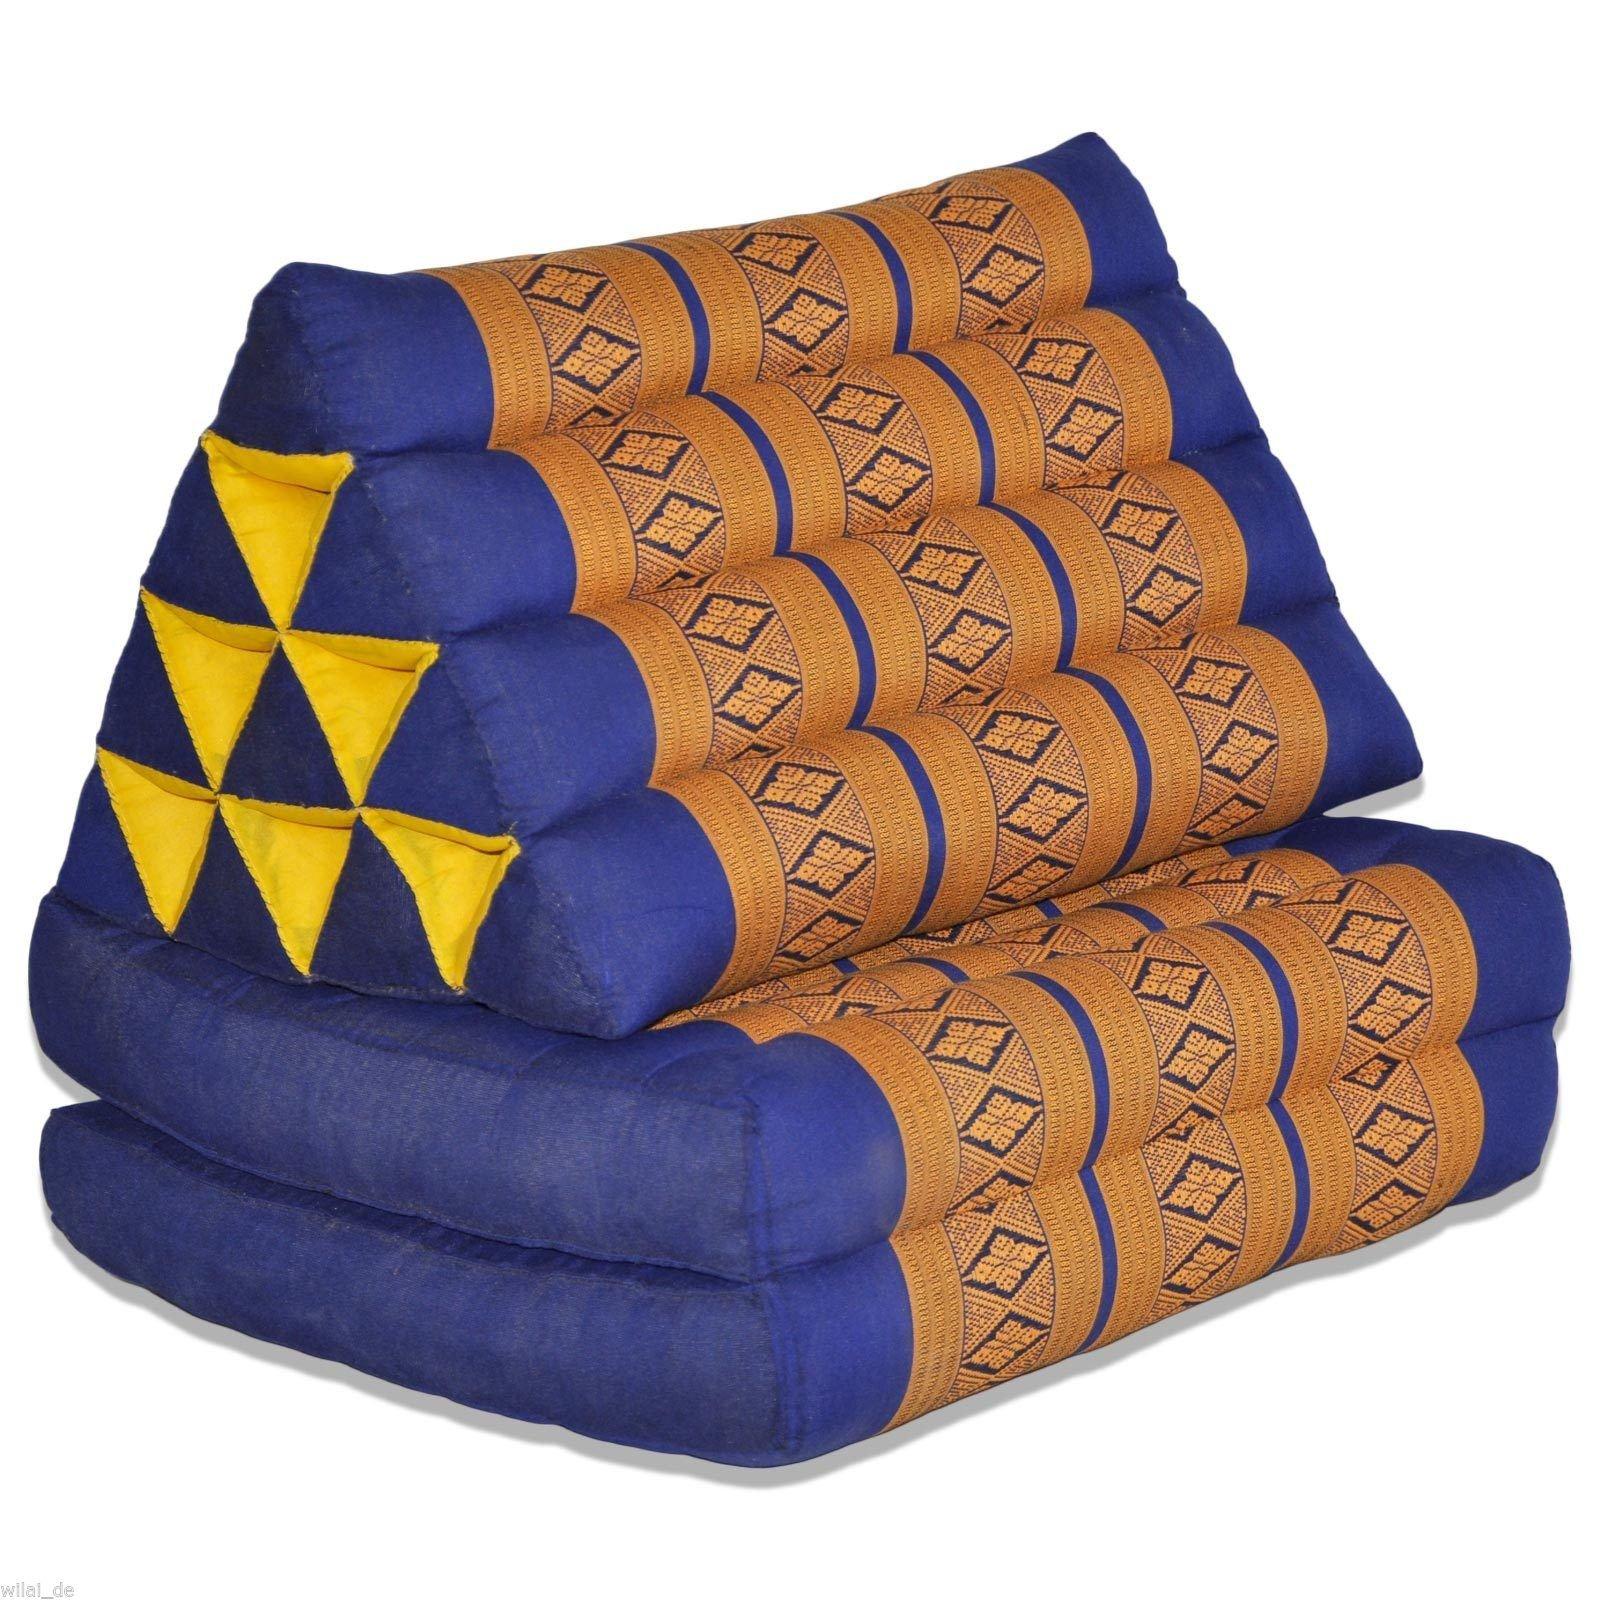 Tungyashop@thai Traditional Cushion Kapok Mattress (Yellow-blue, 2 Fold) by NOINOI